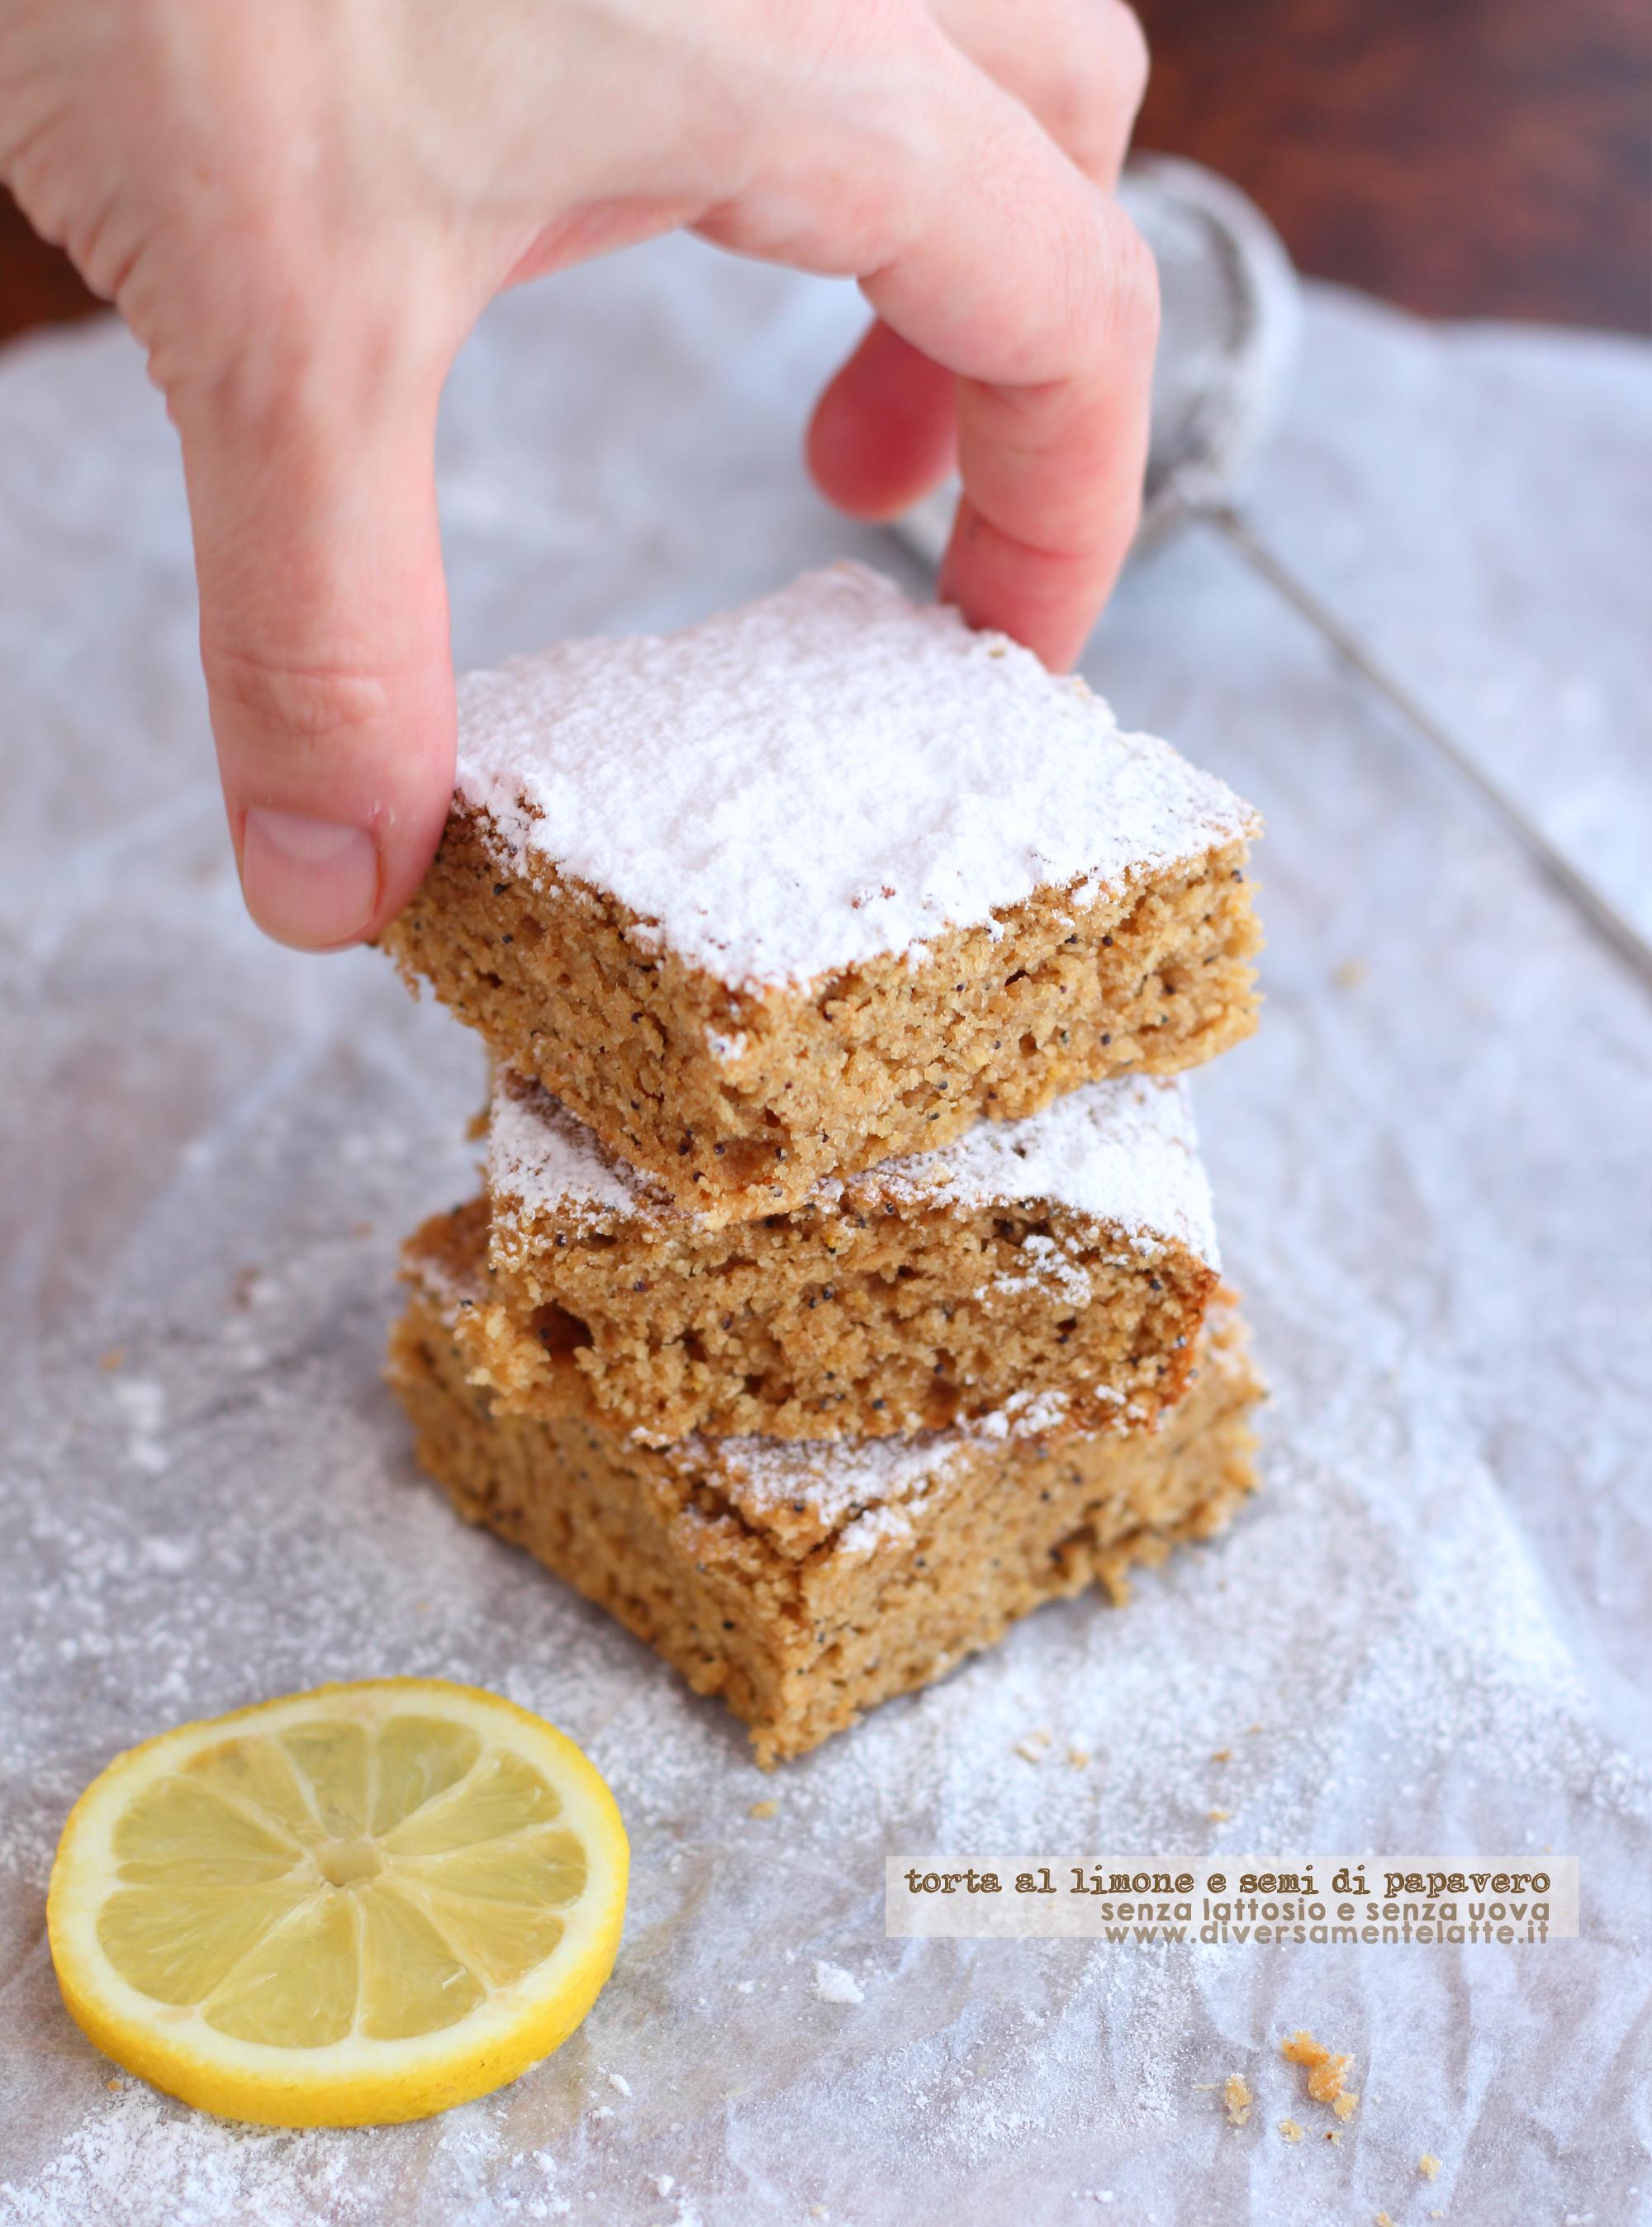 torta limone e semi di papavero senza lattosio